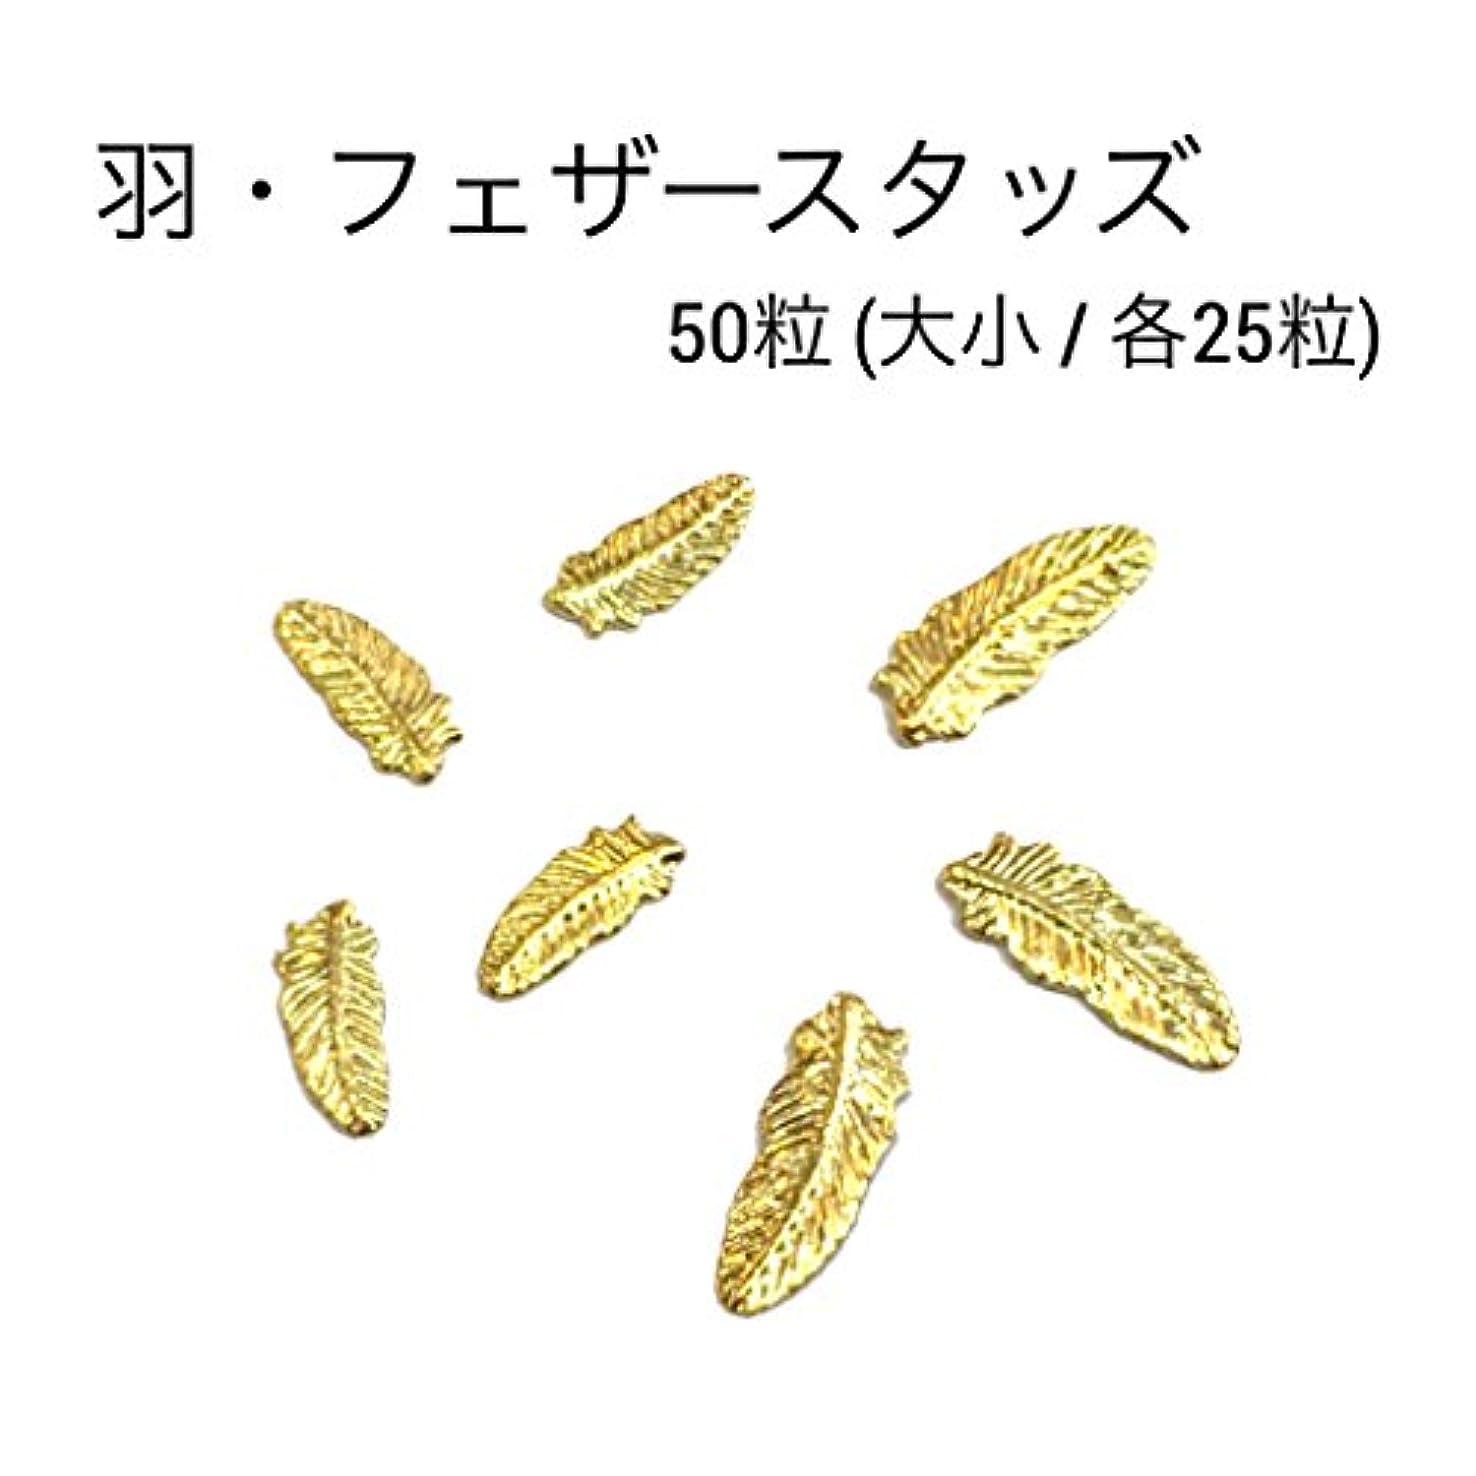 フェデレーションボイコット石油羽?フェザースタッズ?ゴールド50粒/(大.小/各25粒)